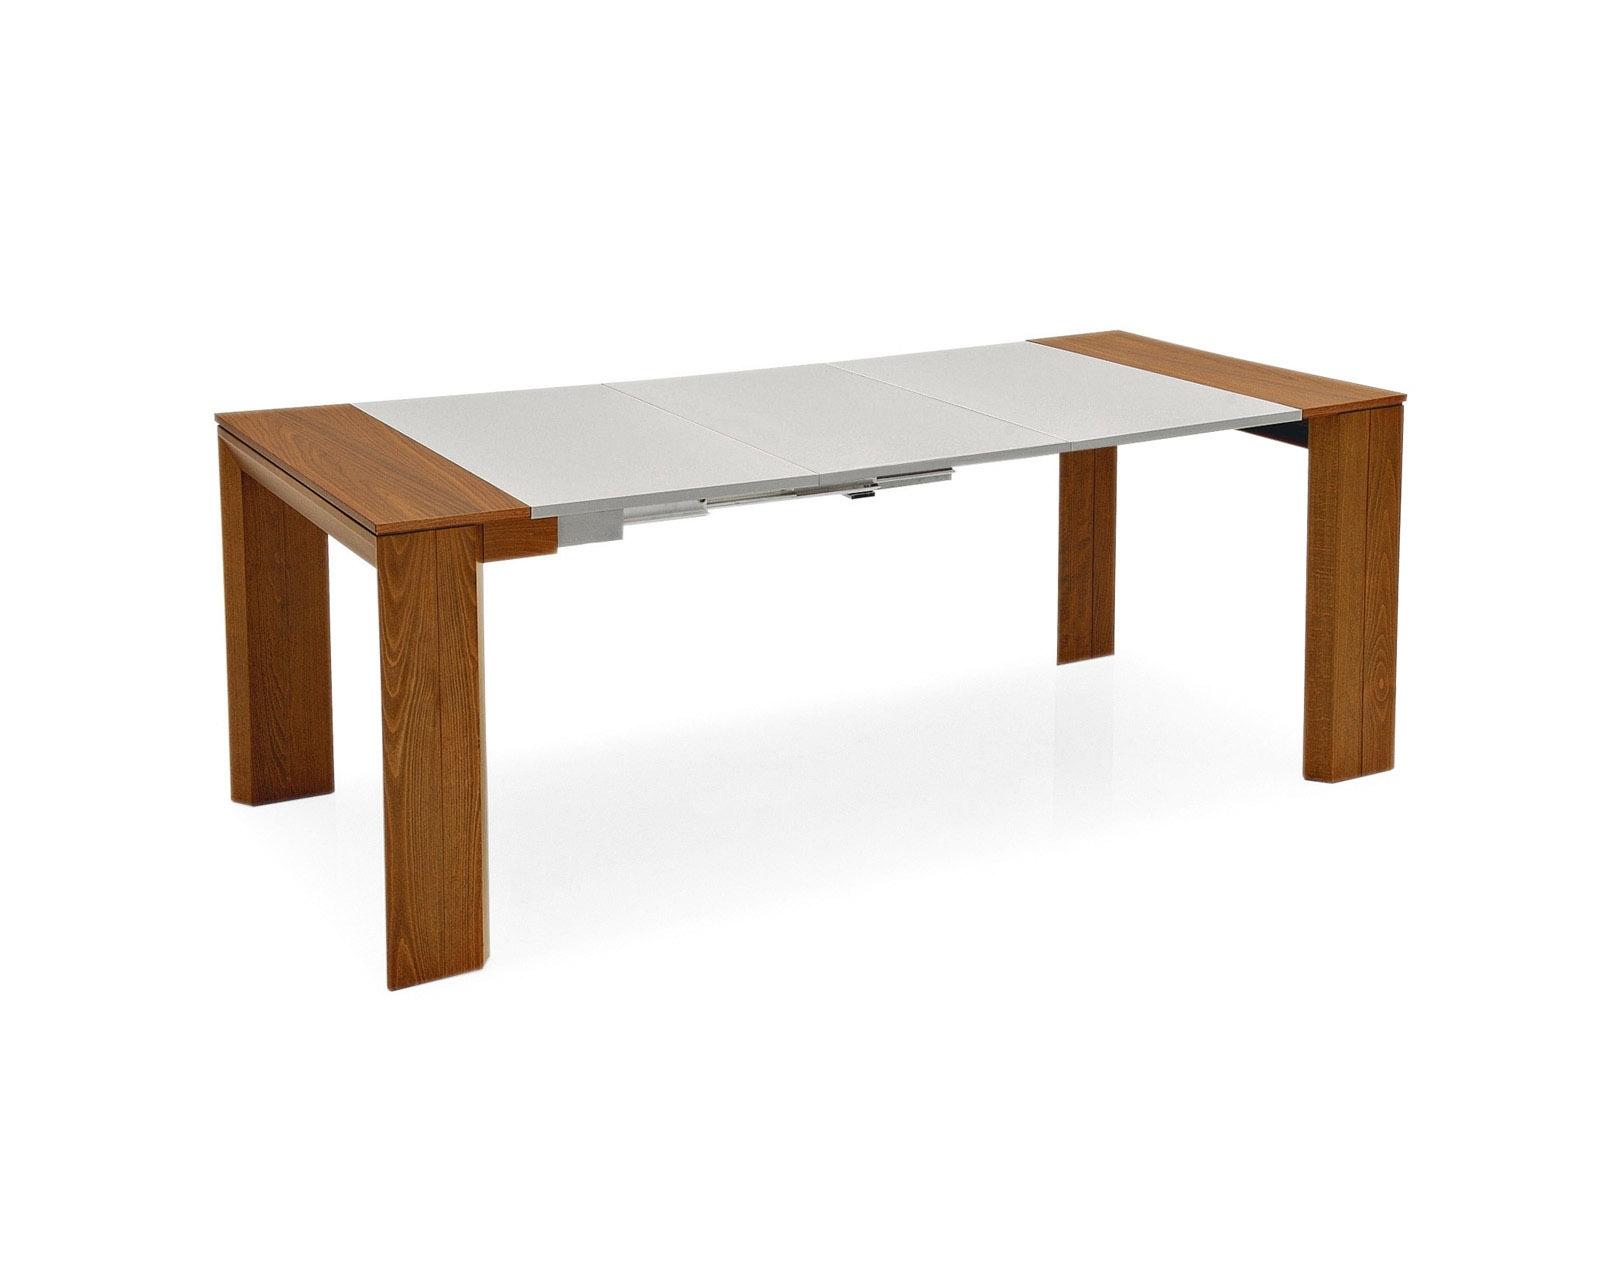 tavolo calligaris consolle mistery scontato del 45